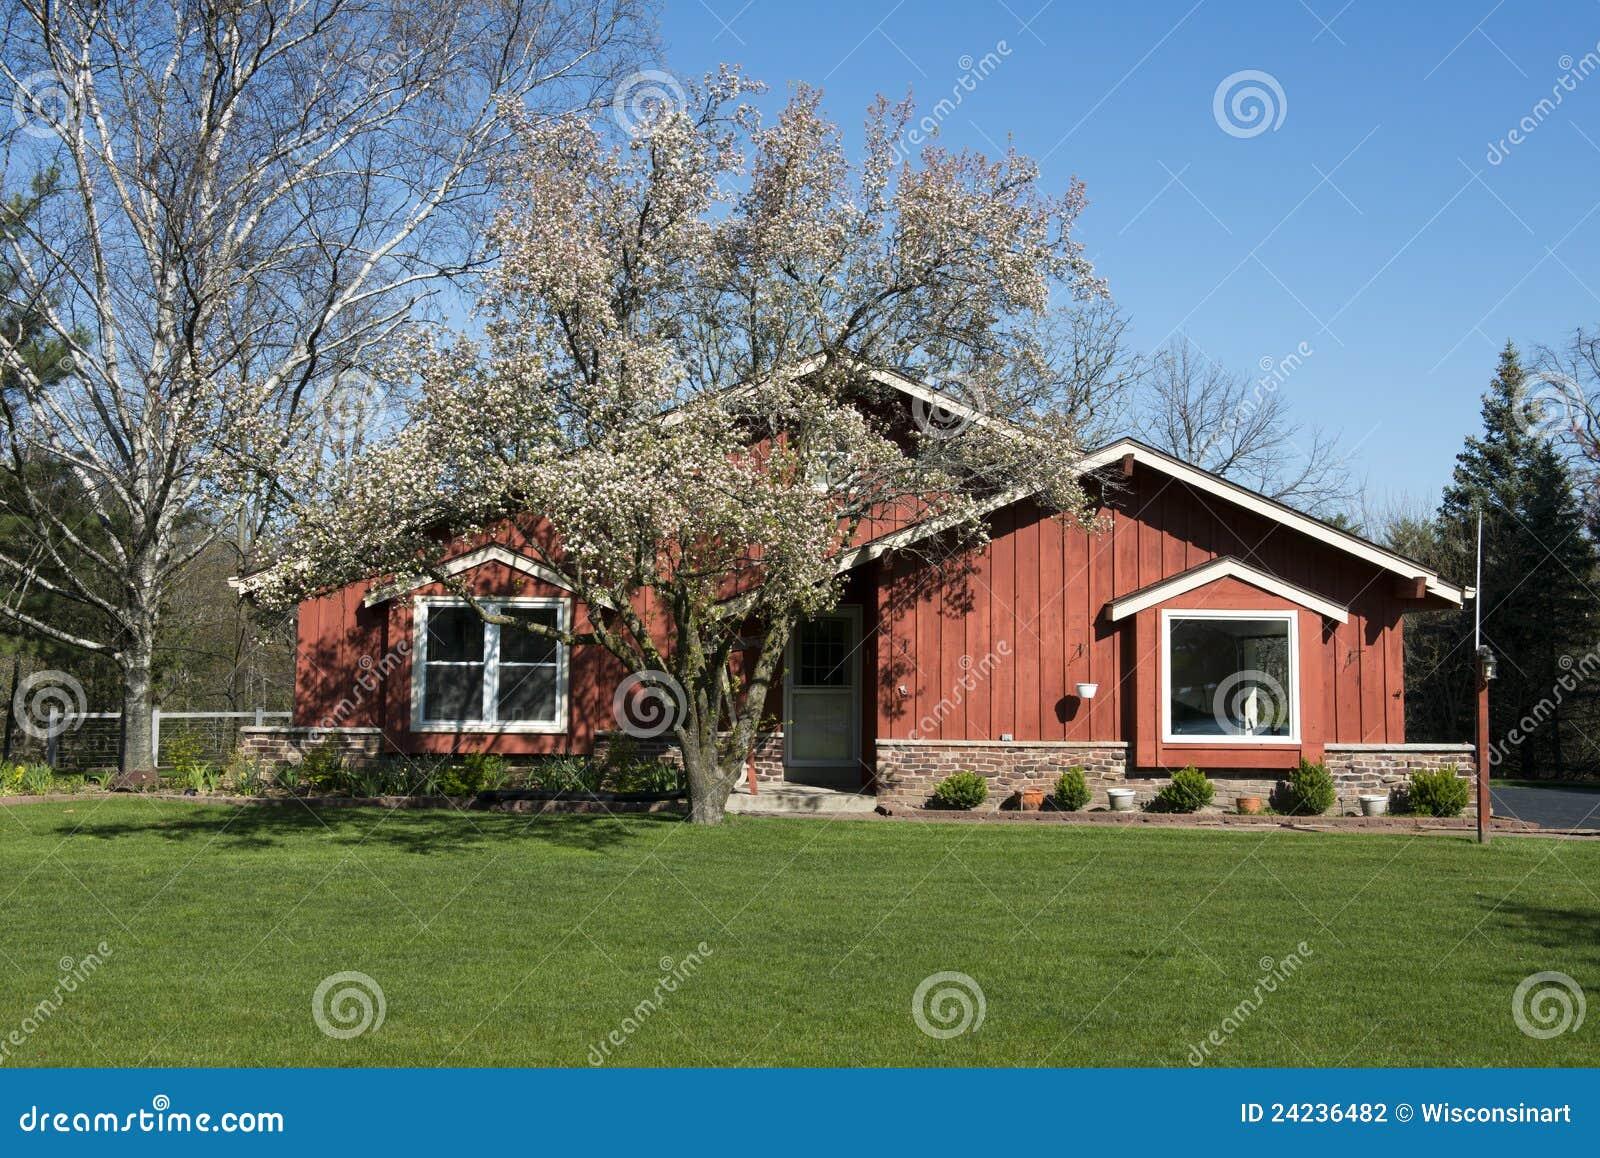 Rivestimento Esterno In Legno Per Case : Casa prefabbricata in legno e rivestimento in pioppo jove